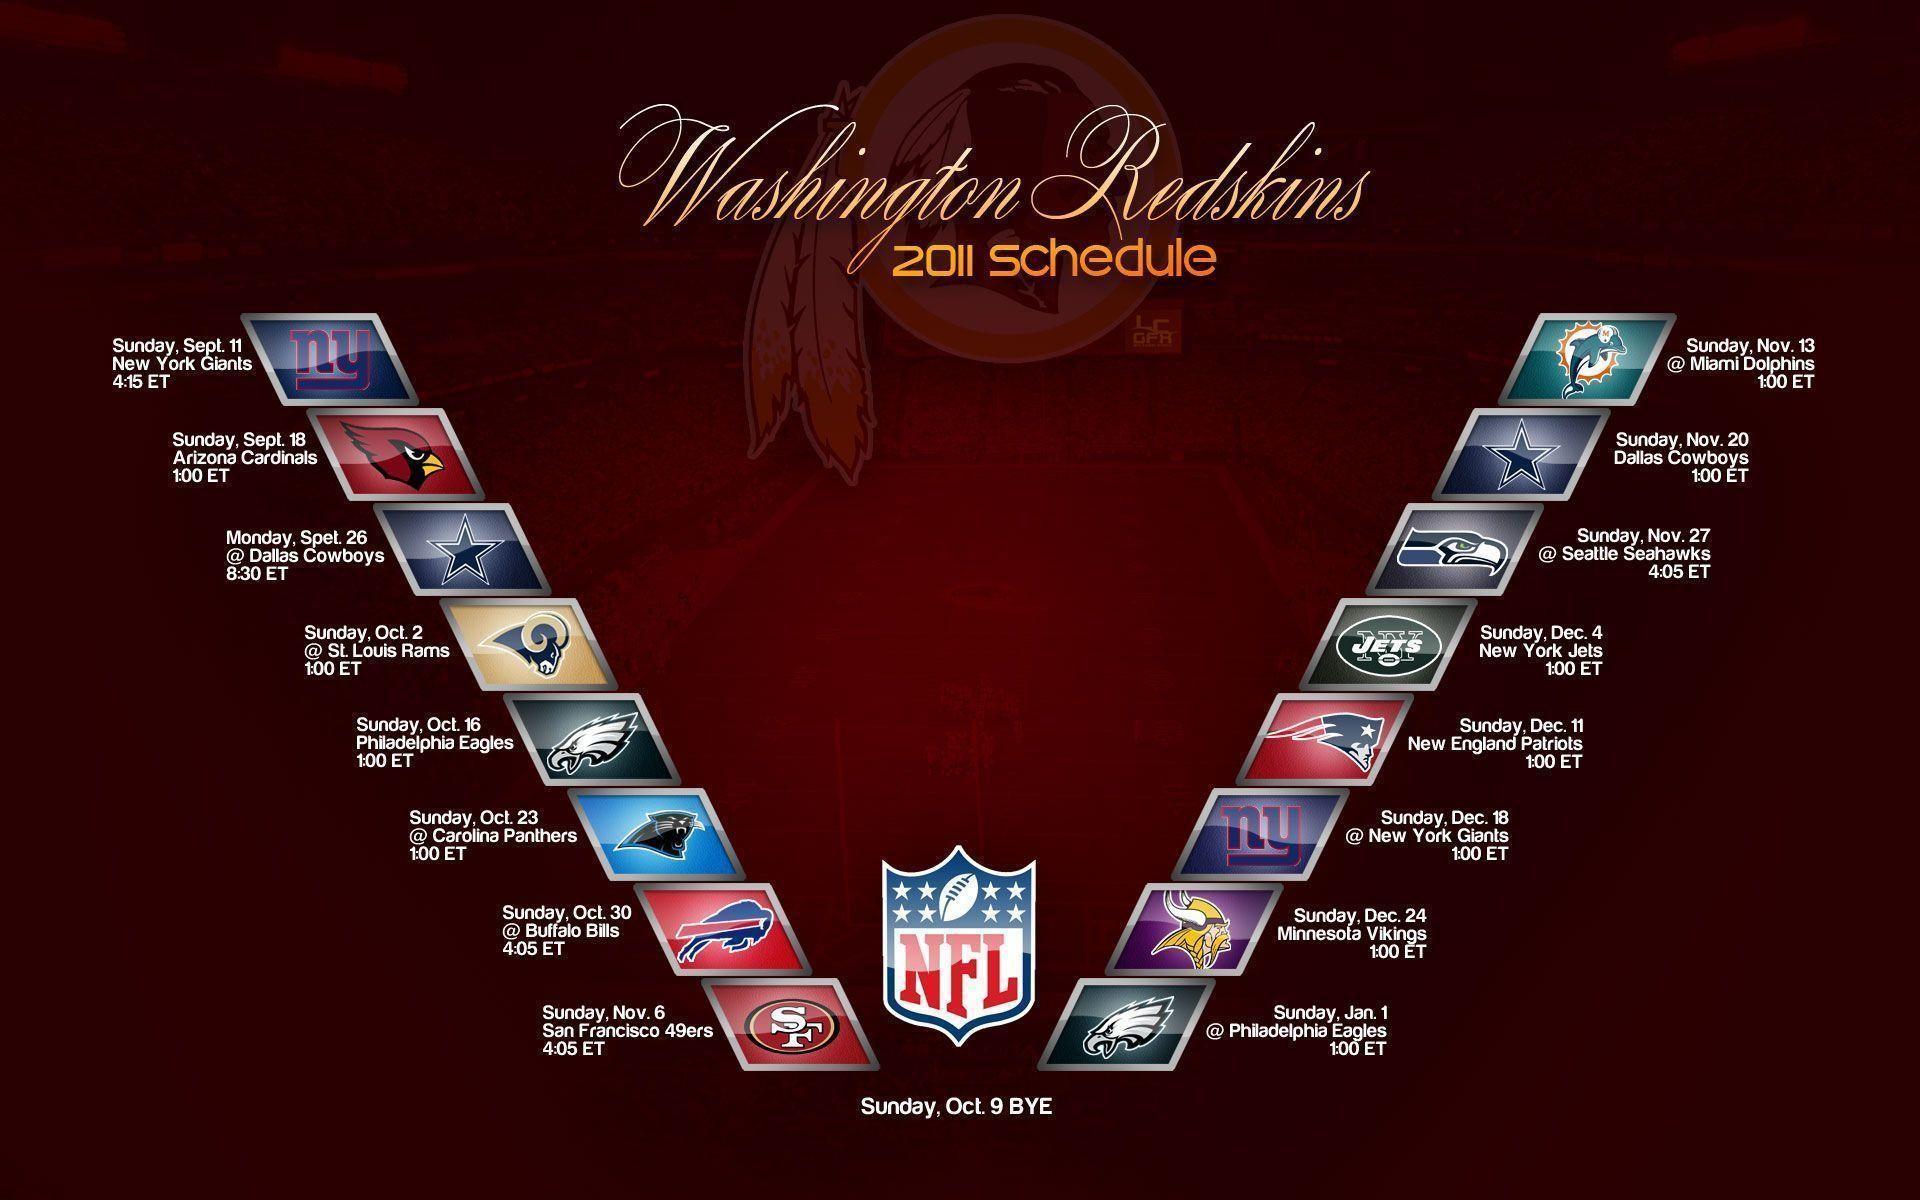 Washington Redskins Wallpaper Images | Washington Redskins .